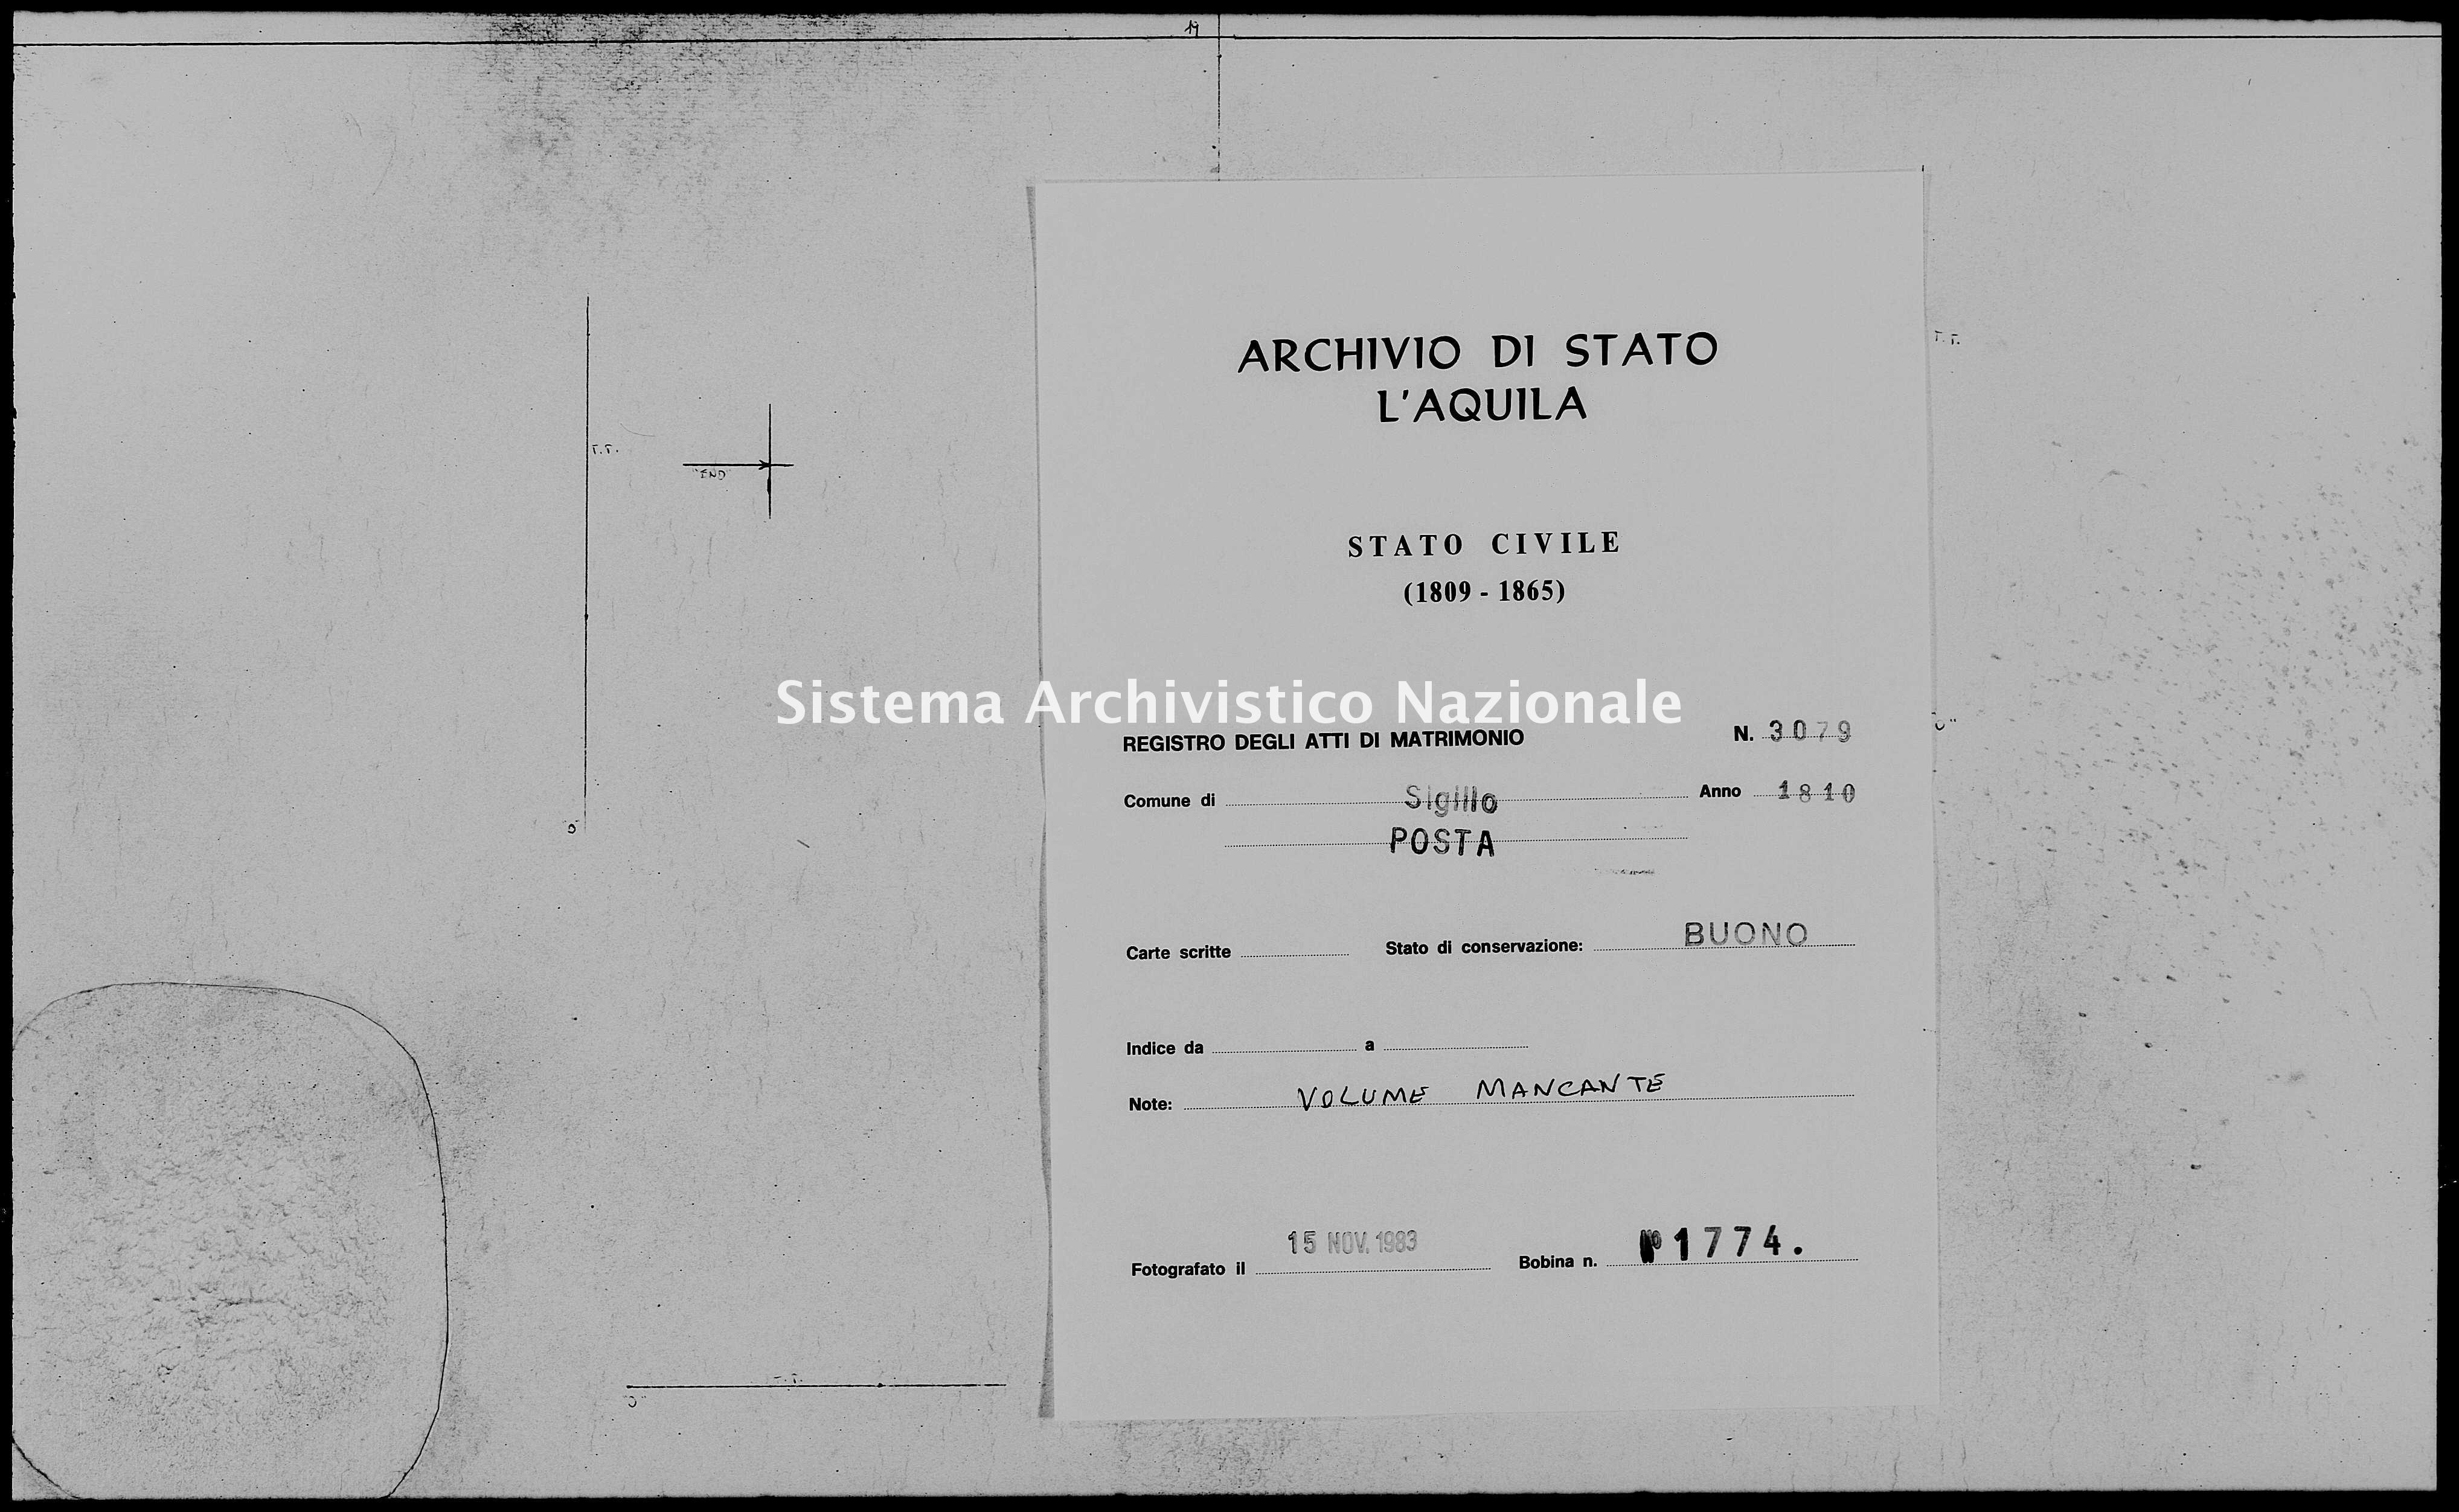 Archivio di stato di L'aquila - Stato civile napoleonico - Sigillo - Matrimoni - 1810 - 3079 -